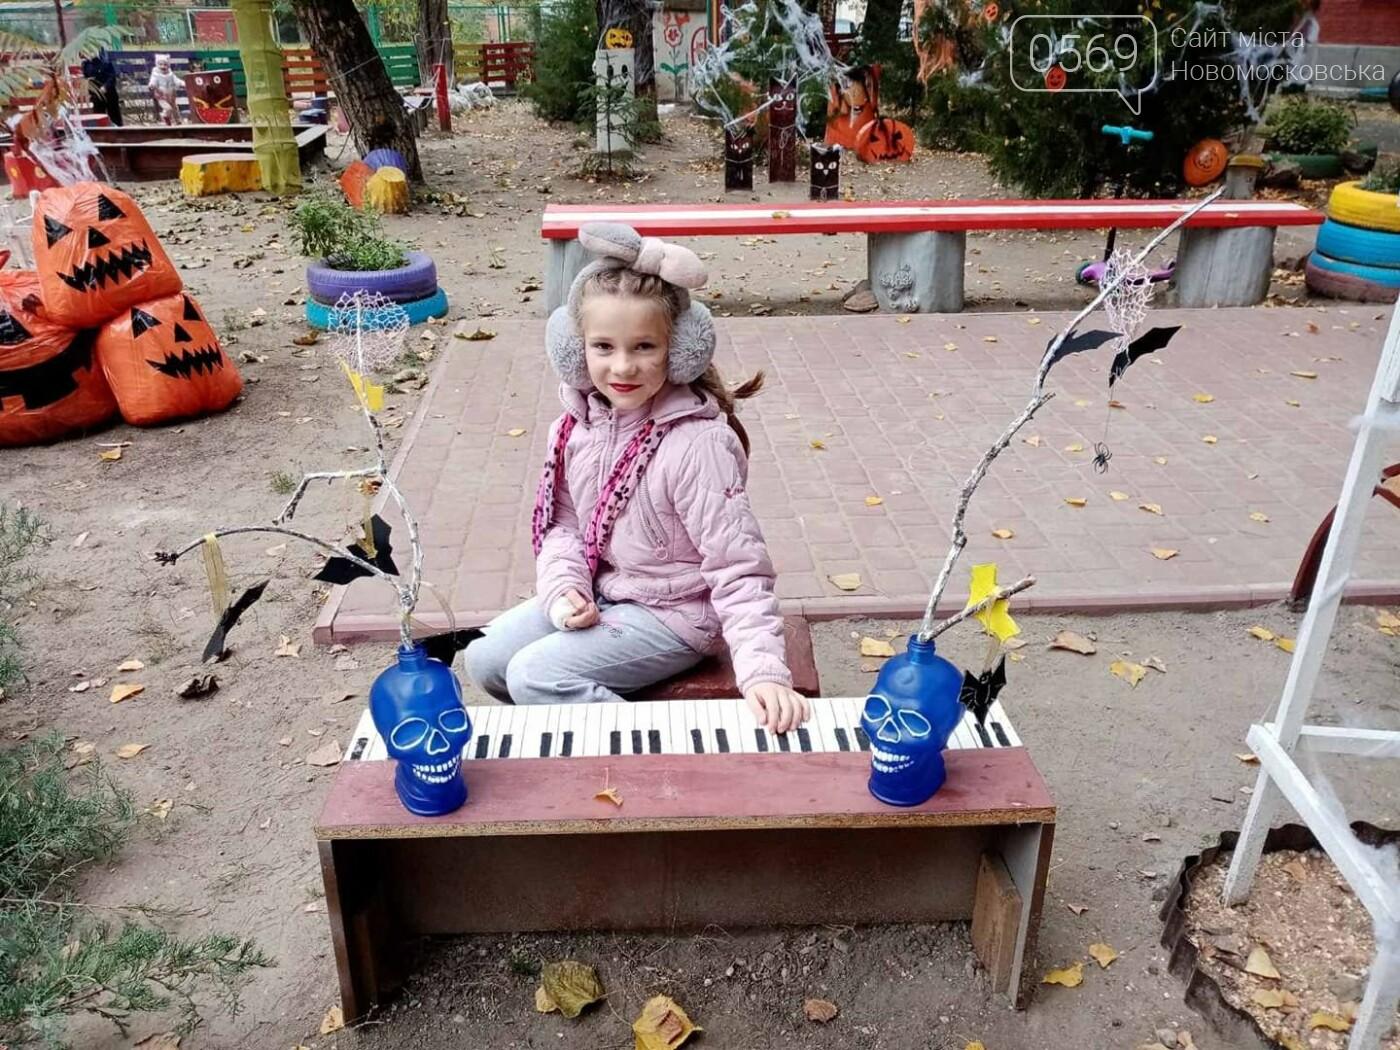 Мешканці одного з будинків центру Новомосковська влаштували у своєму дворику свято Хелловін: ФОТО, фото-19